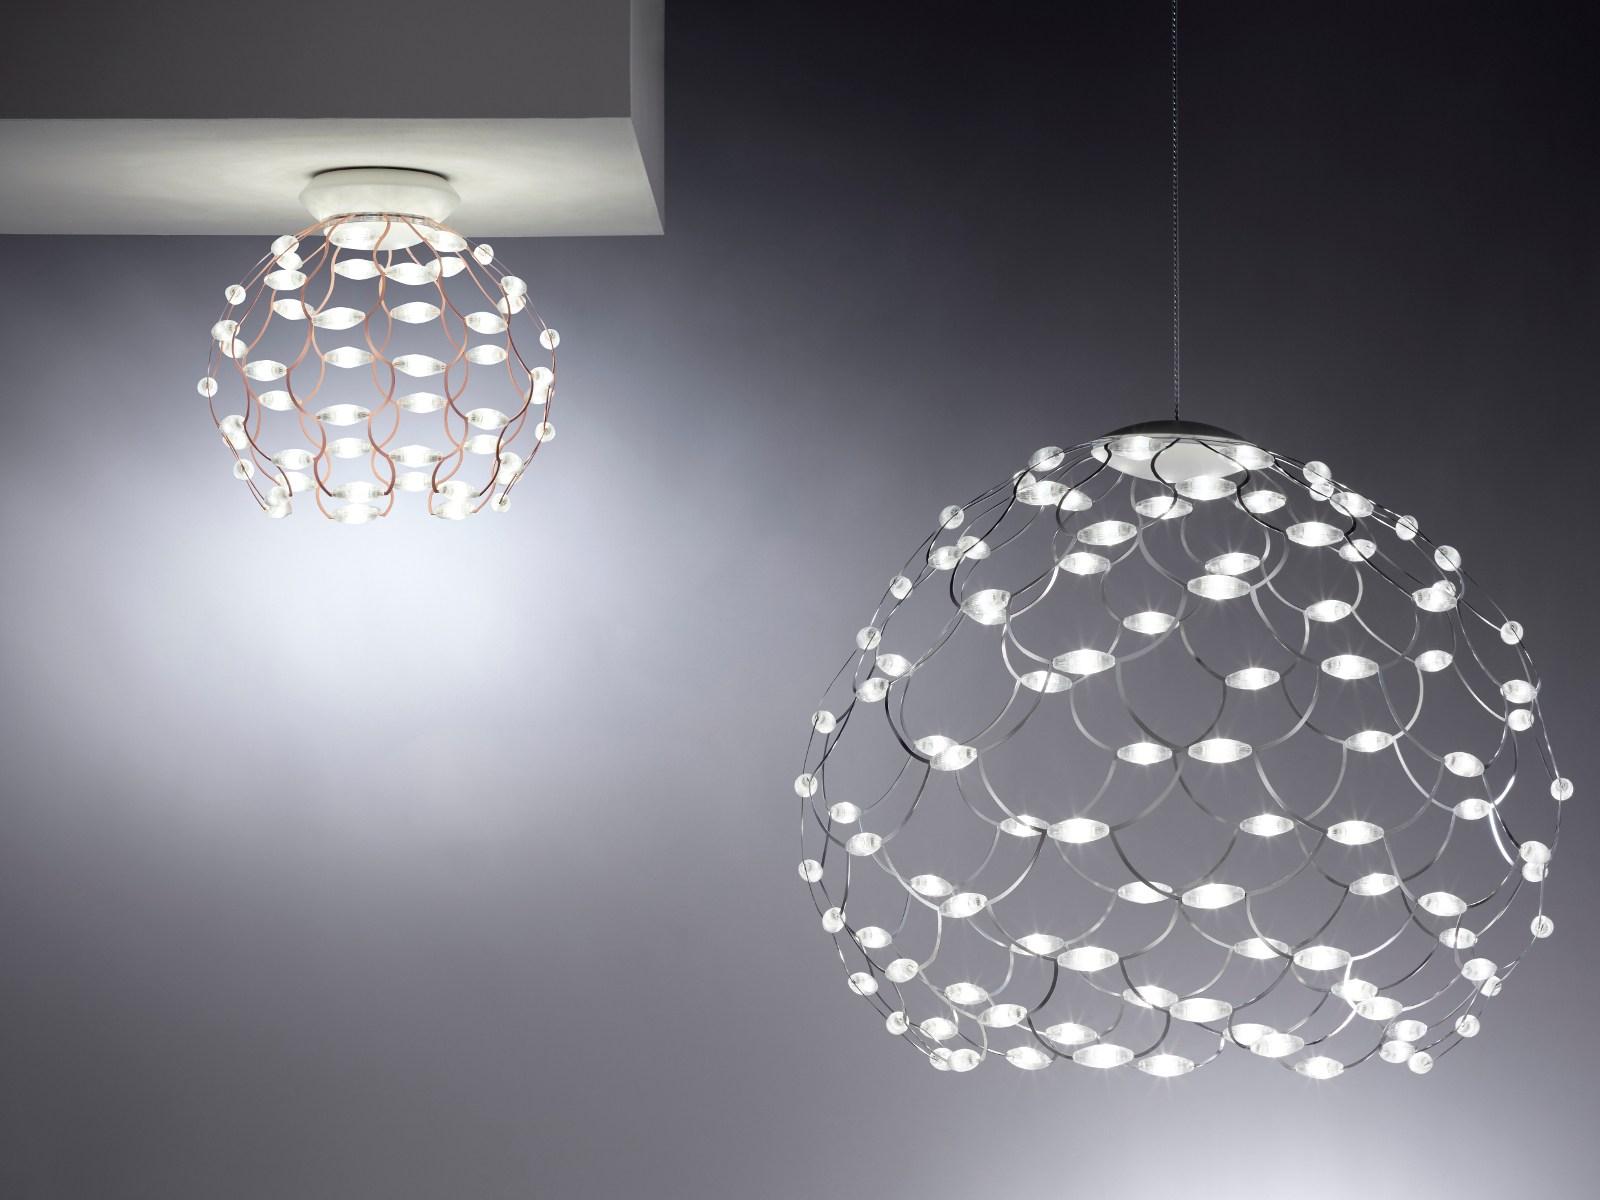 Lampada a sospensione Sforzin Illuminazione 227783 rel3d550192